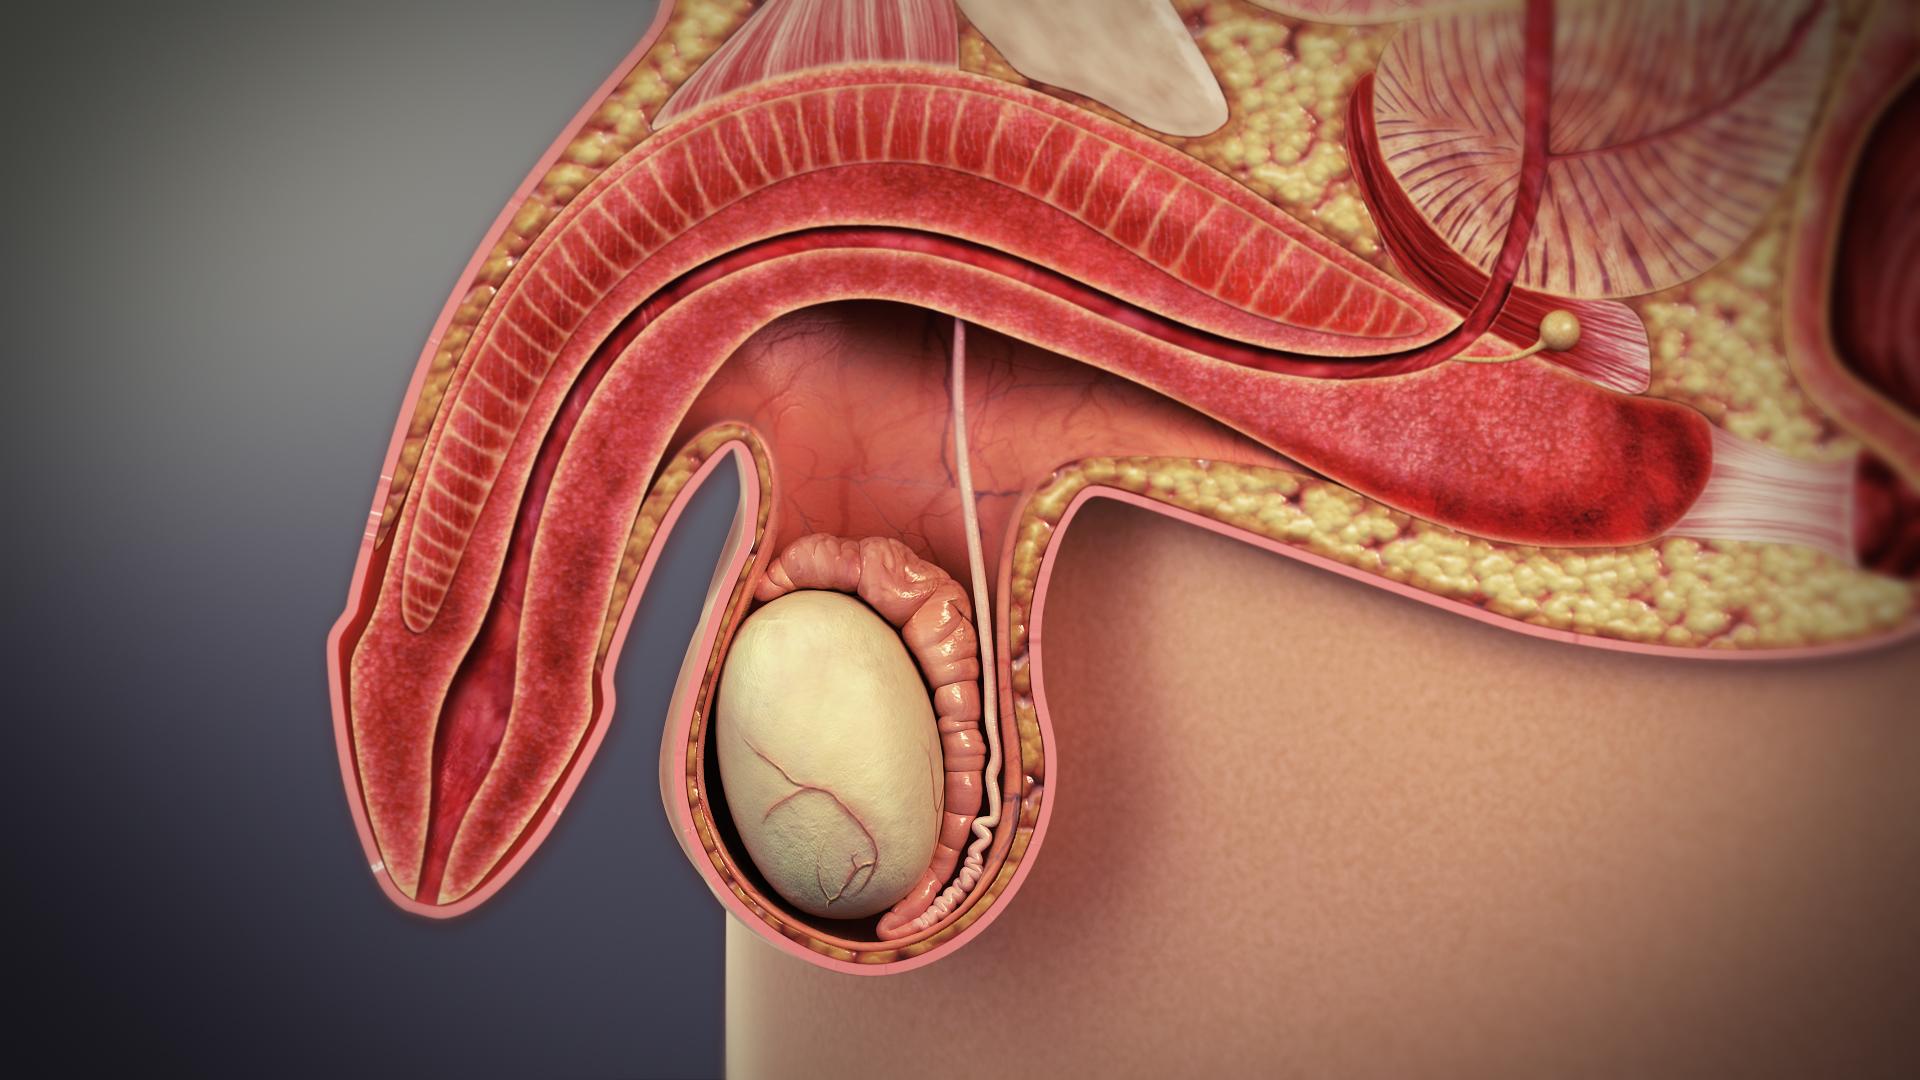 disfuncție erectilă la 50 de ani